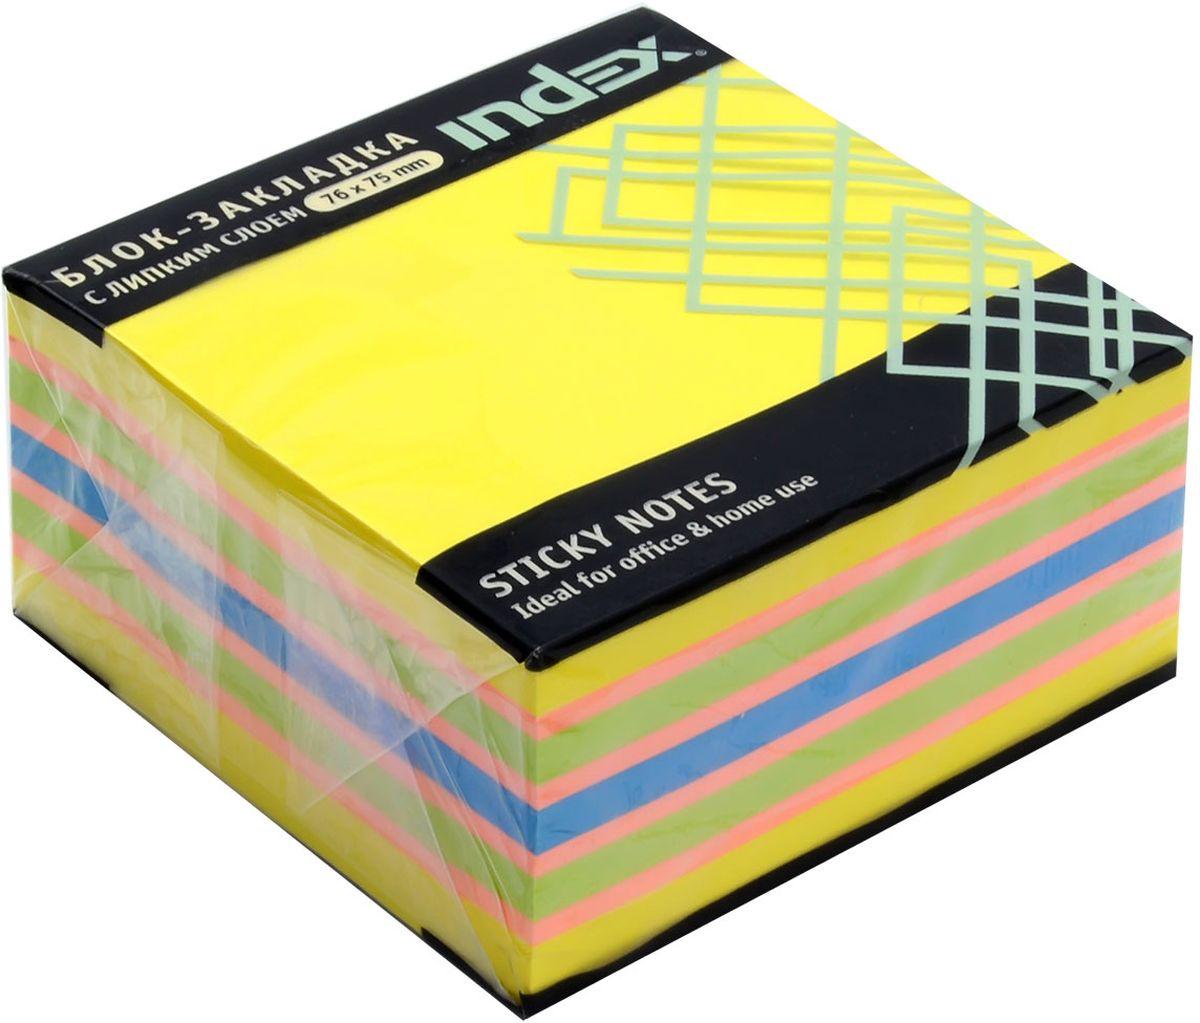 Index Бумага для заметок с липким слоем 7,6 х 7,5 см цвет желтый 400 листов I433812 berlingo бумага для заметок с липким краем neon 7 6 х 7 6 см 400 листов